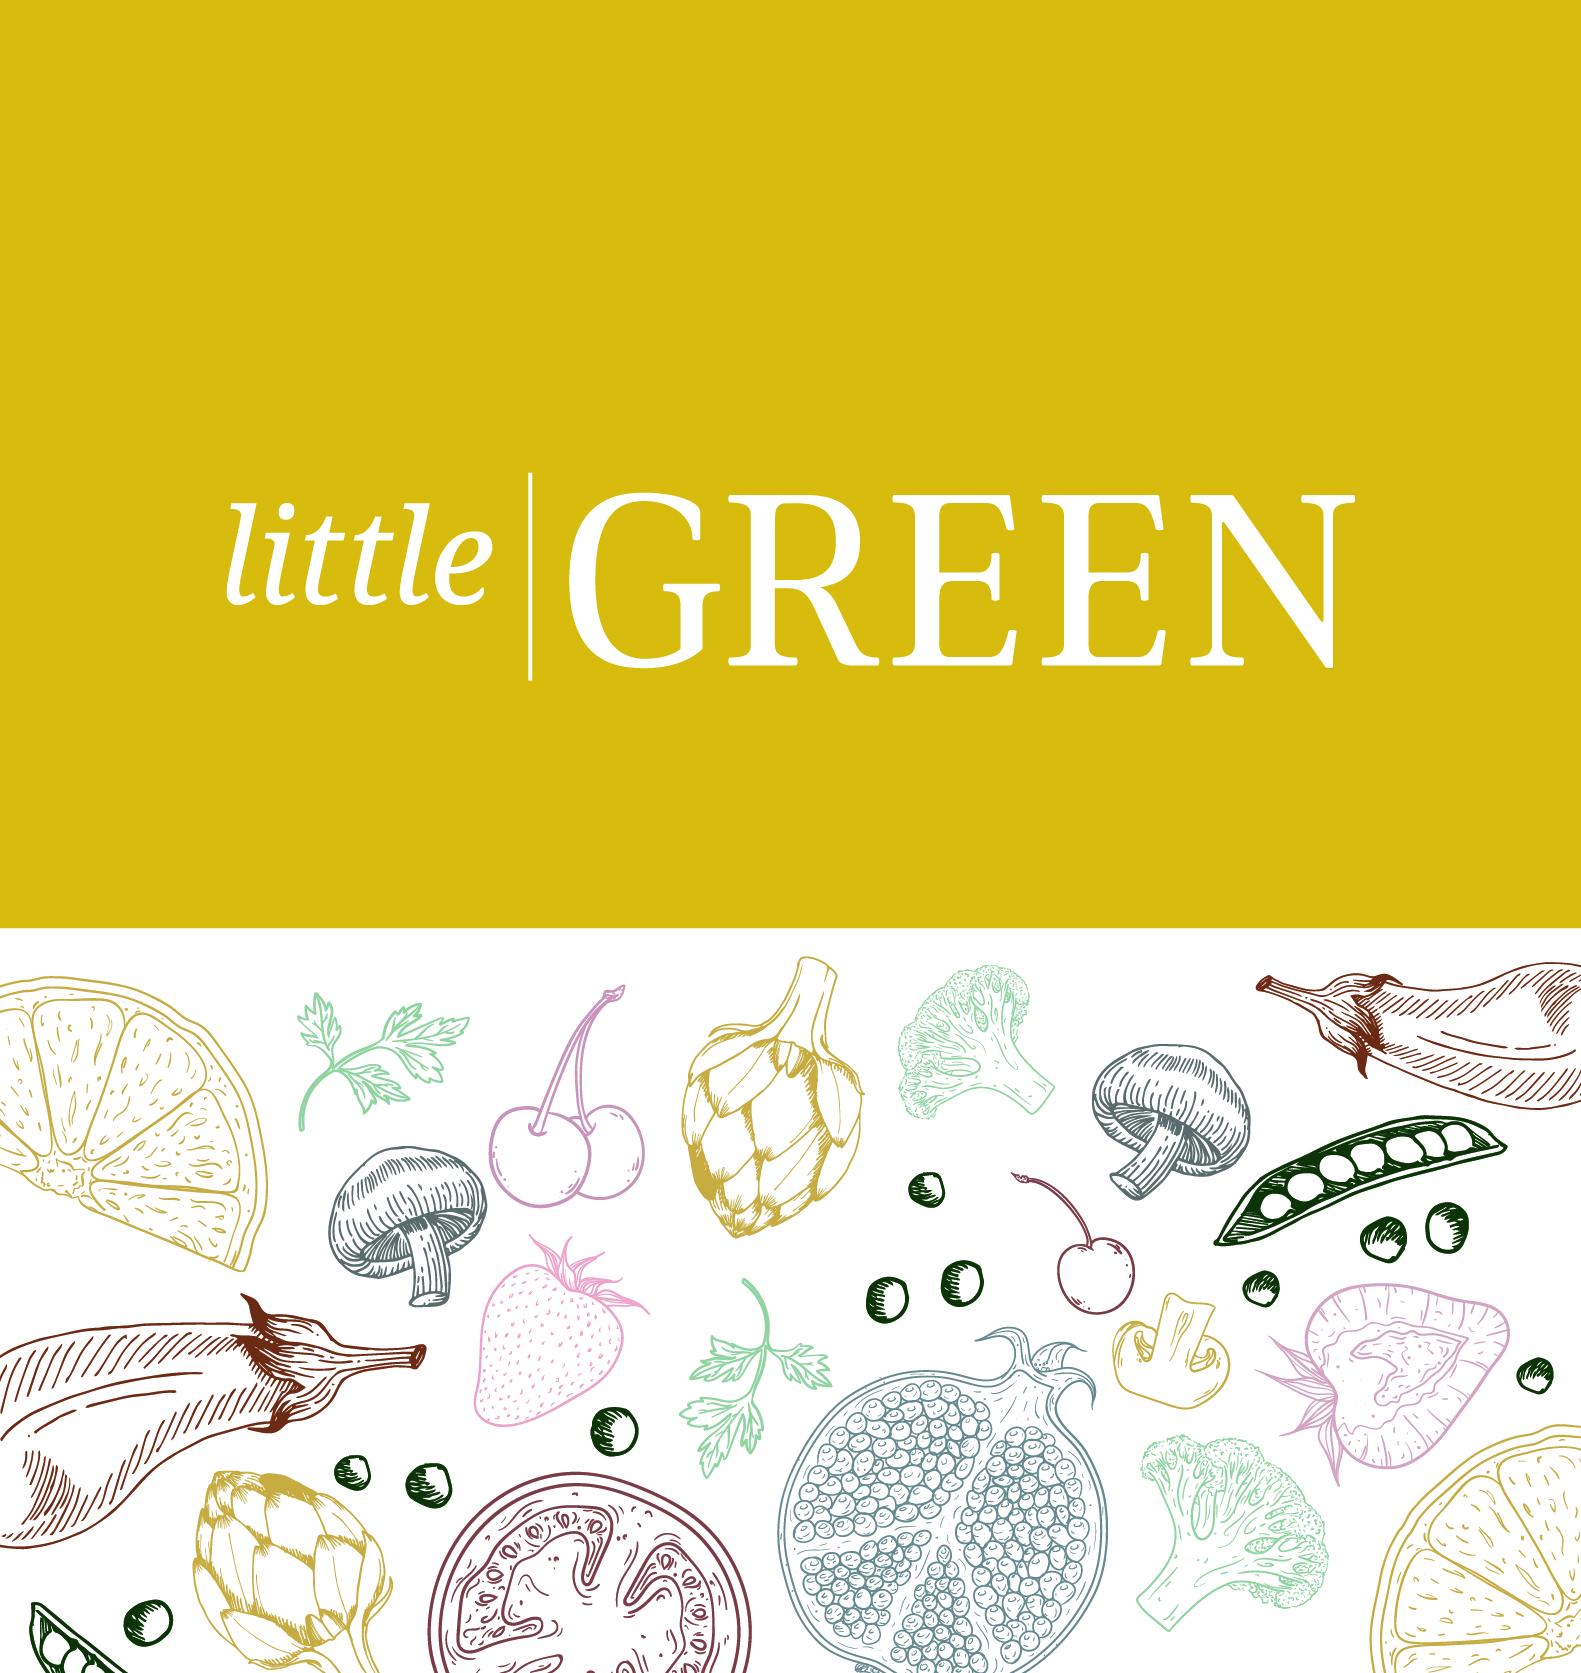 visuele identiteit met illustratieve elementen voor huisstijl Little Green